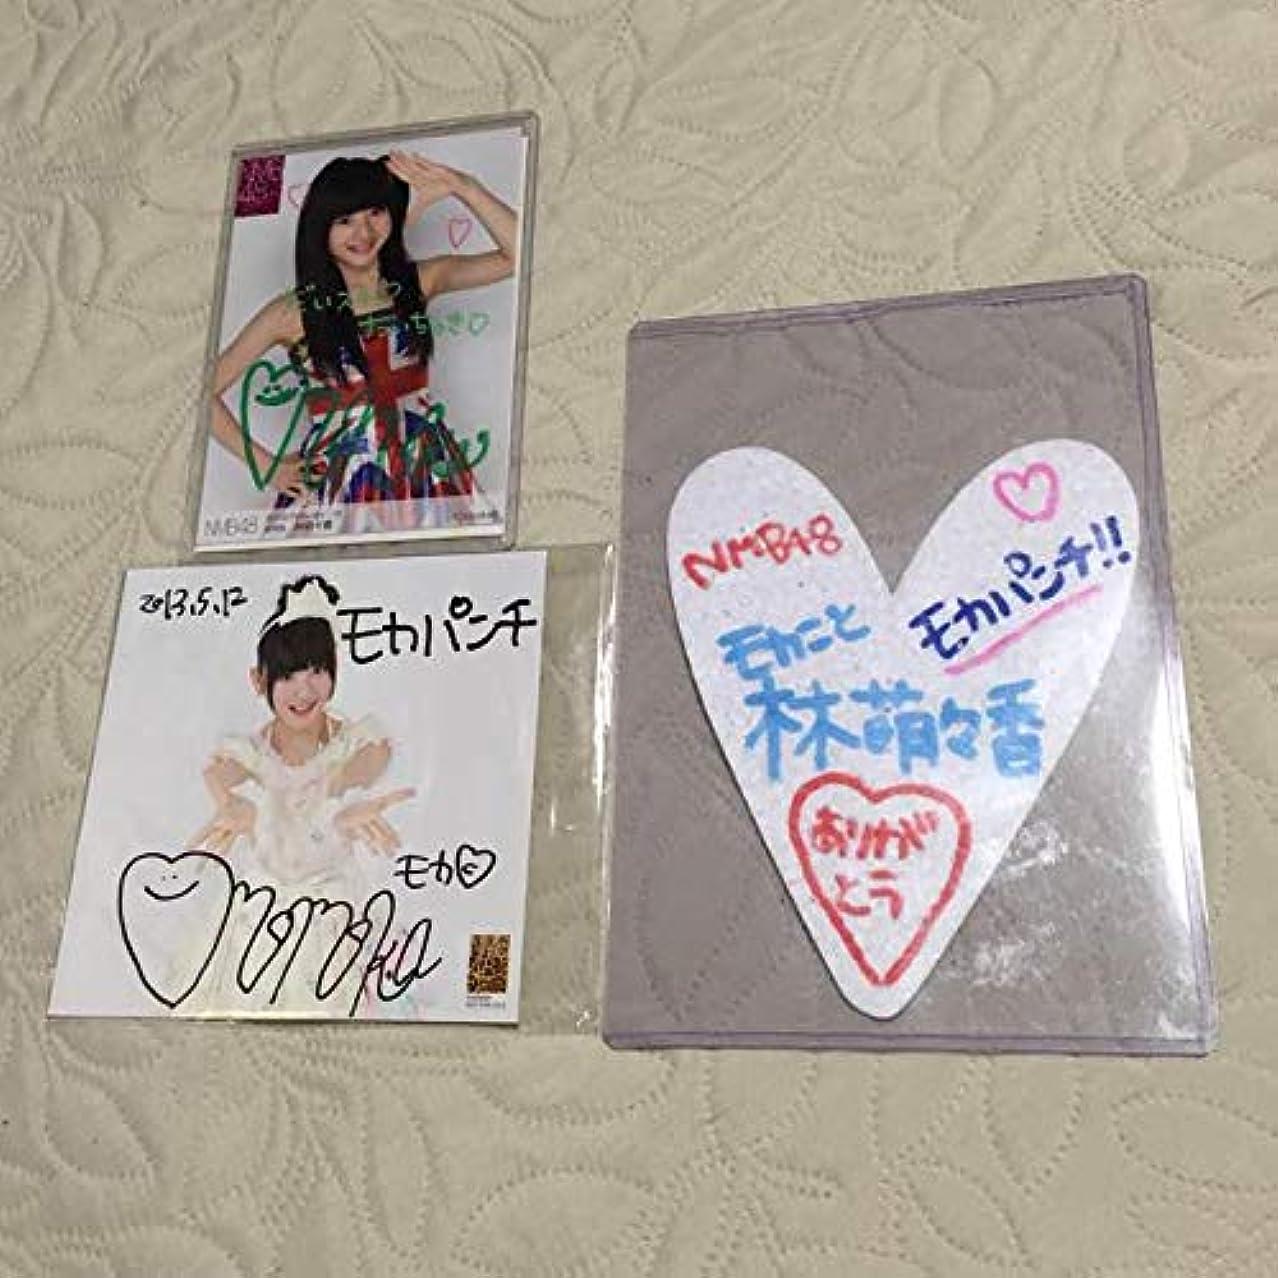 ショルダー別に不透明なNMB48 林萌々香 モカ 生写真 直筆 セット